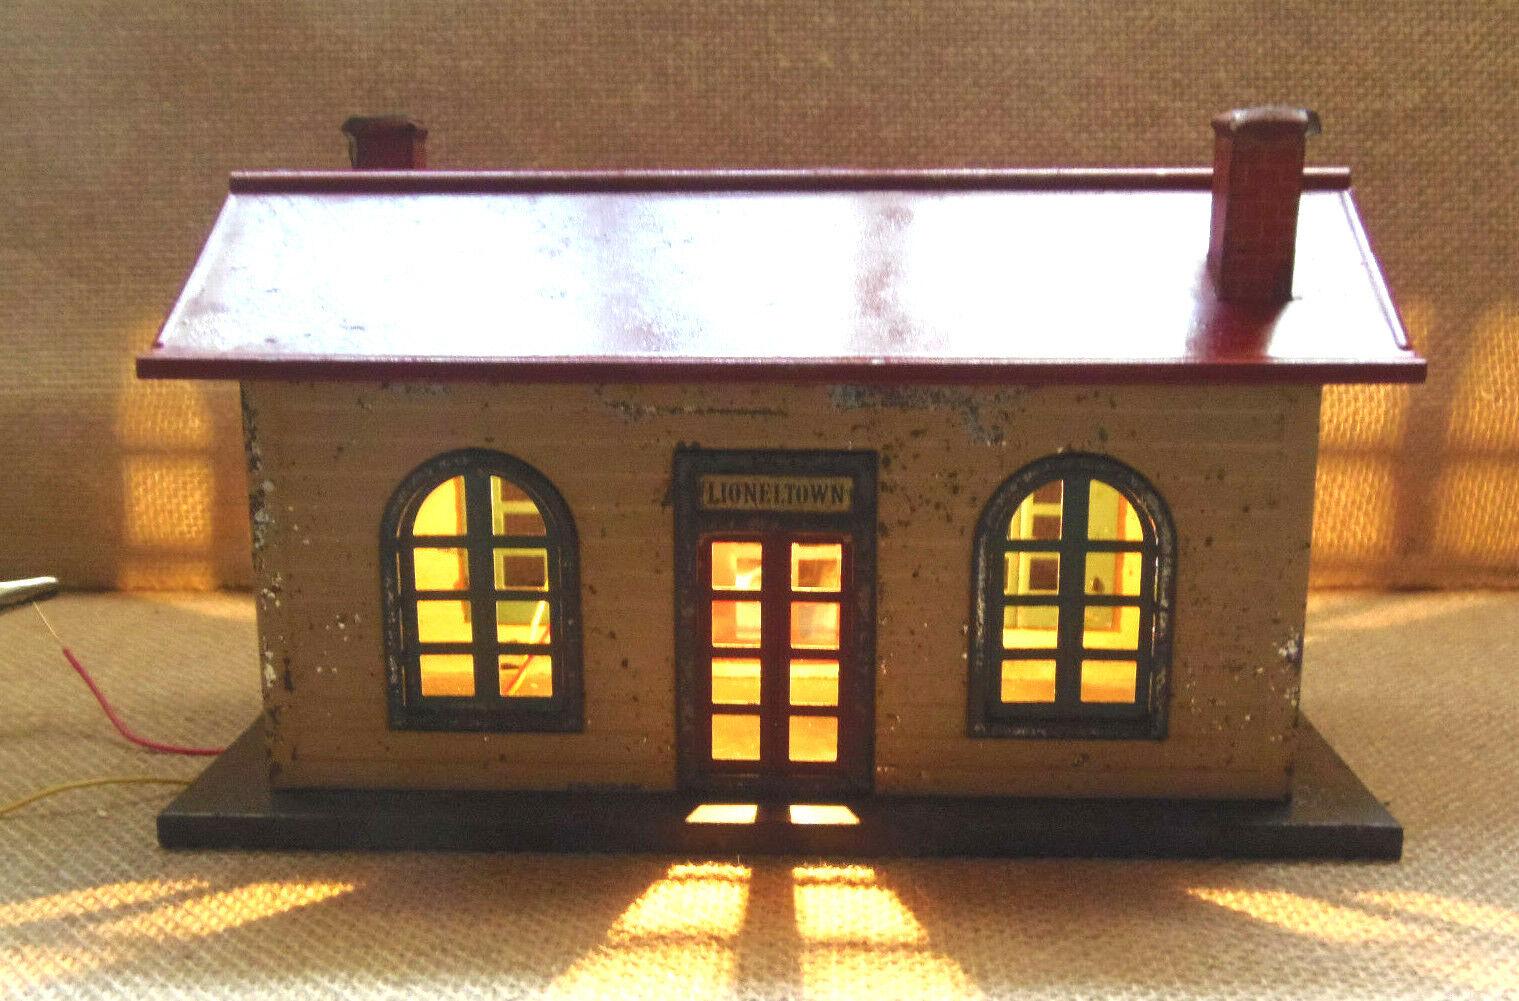 el más barato Preguerra Lionel  127 estación lioneltown lioneltown lioneltown con techo rojo, Iluminado  tienda en linea